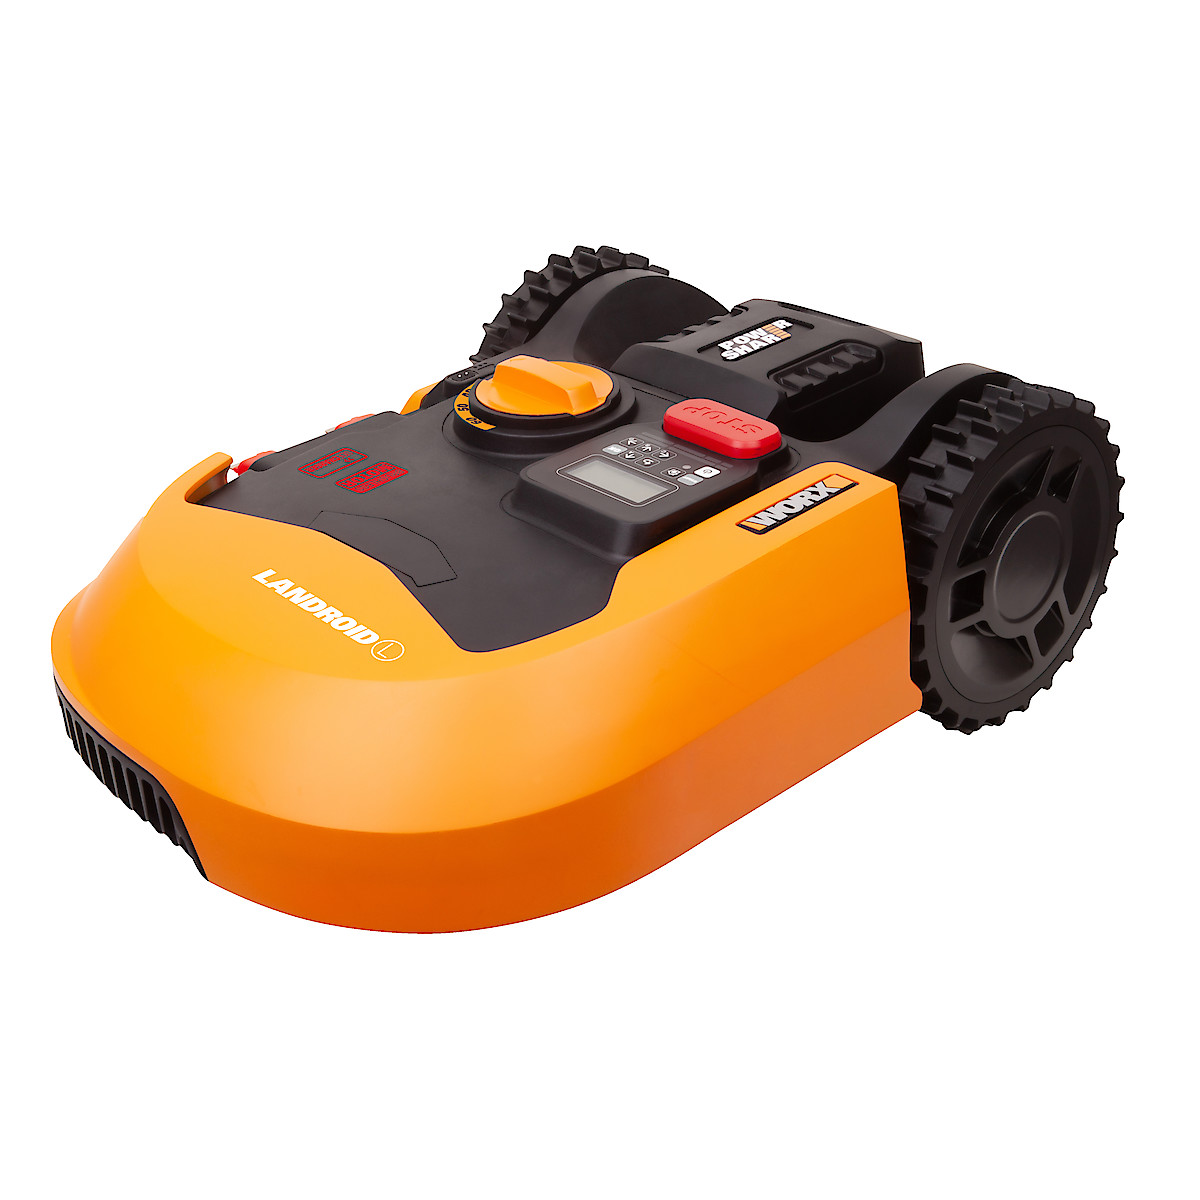 Robotgräsklippare Worx L2000 WR155E